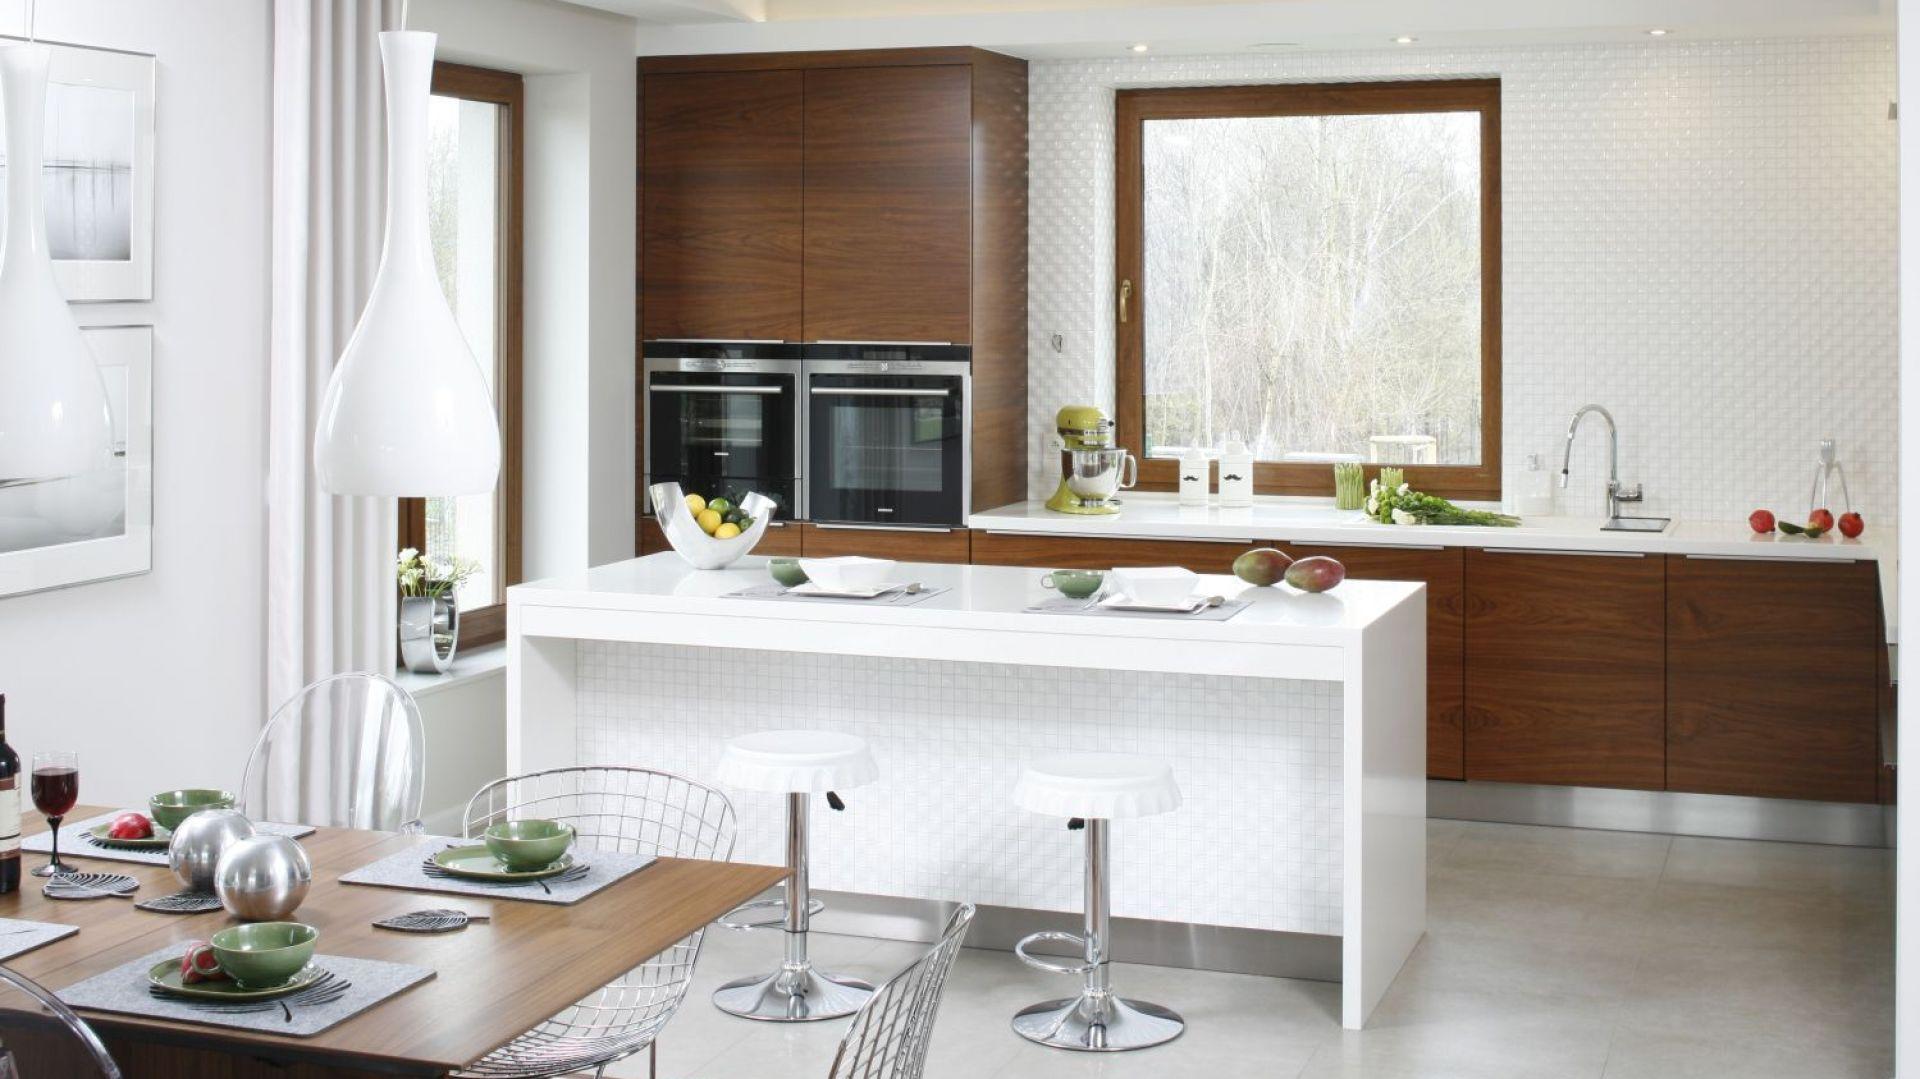 Biel i drewno doskonale się ze sobą łączą. W tej aranżacji biała wyspa rozjaśnia kuchenne wnętrze i jednocześnie sprawia, że stało się one bardziej funkcjonalne. Projekt: Piotr Stanisz. Fot. Bartosz Jarosz